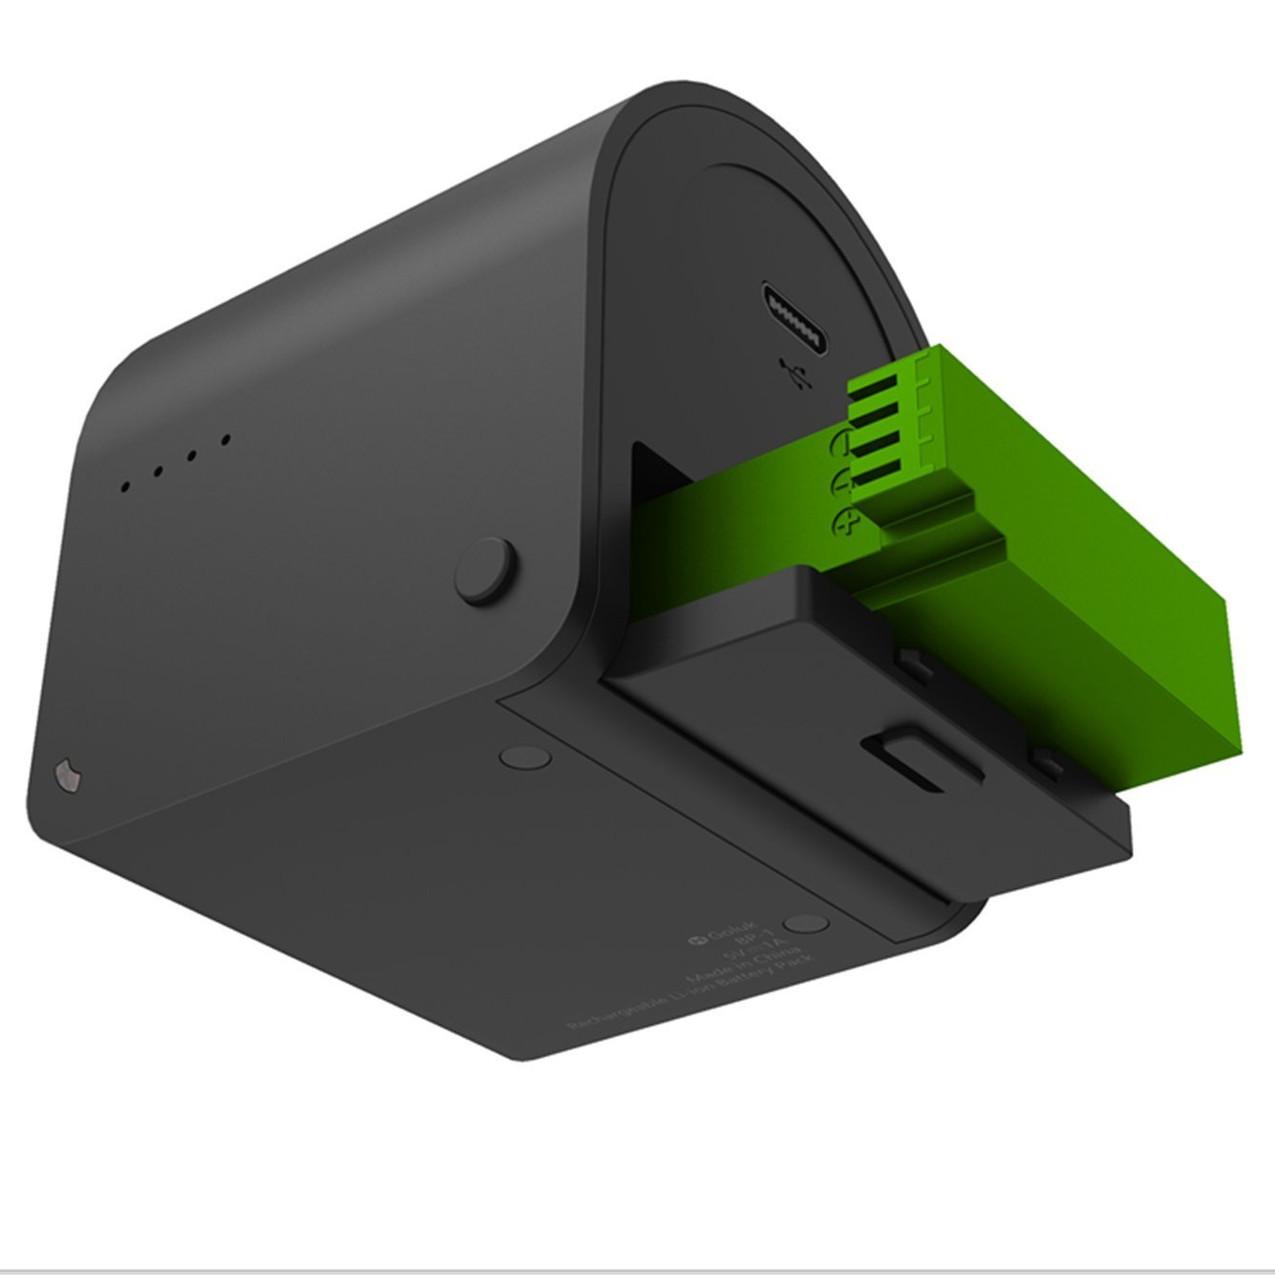 Goluk Powerbank with GoPro mount